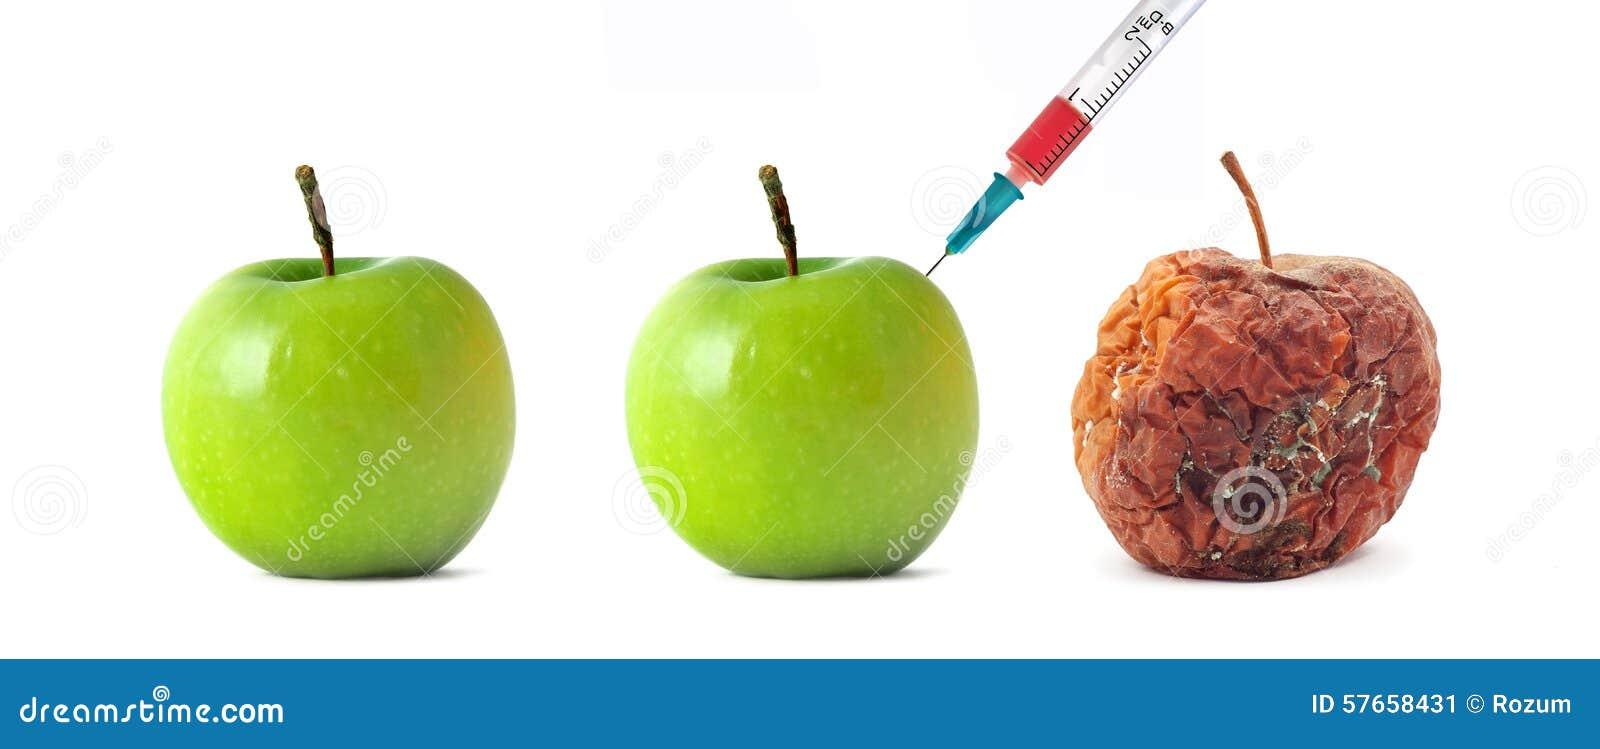 Zielony i przegniły jabłko